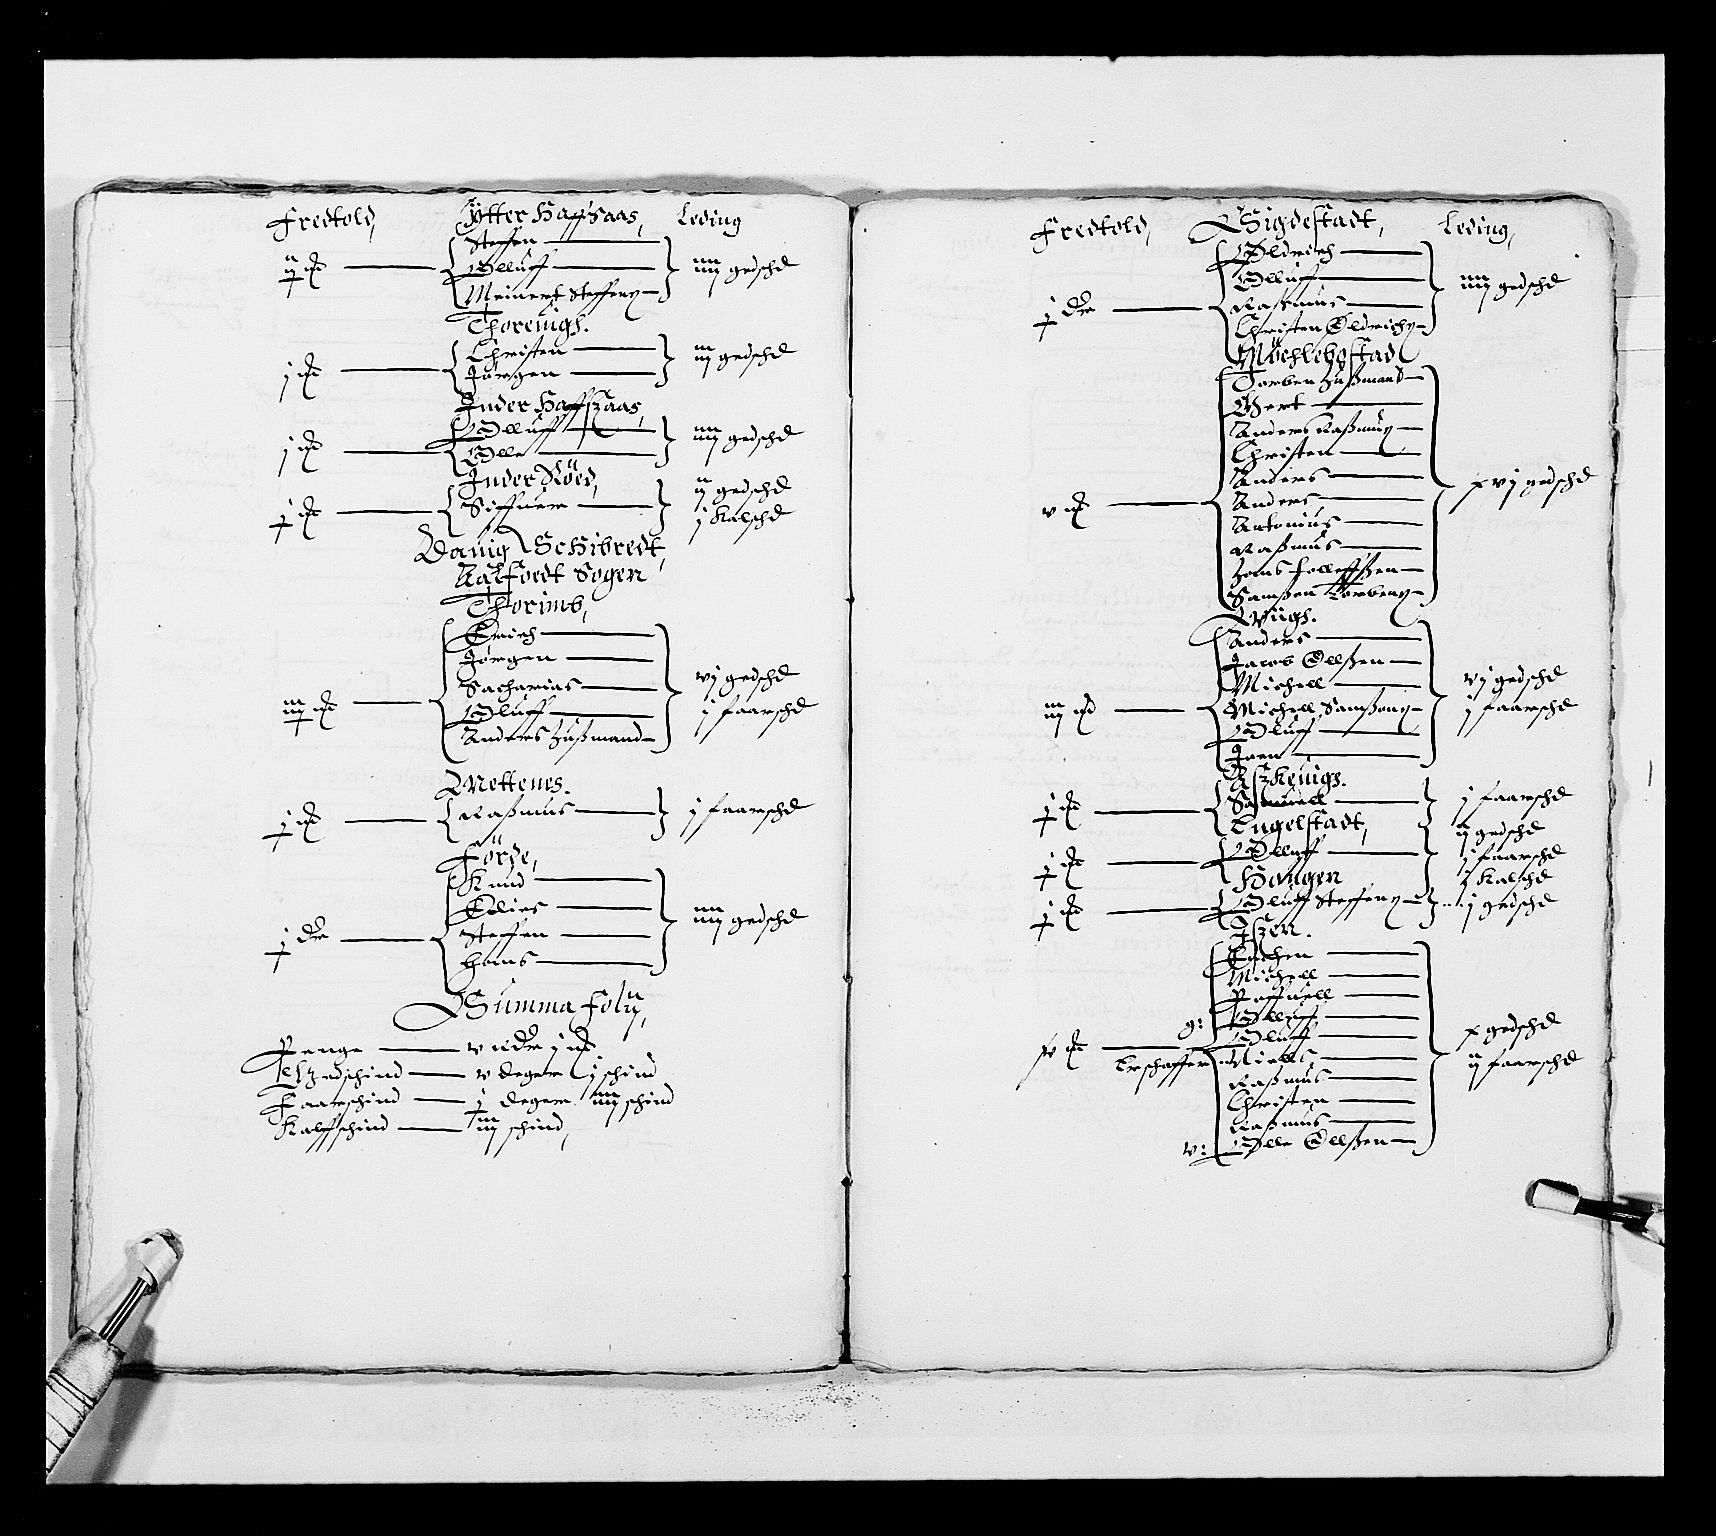 RA, Stattholderembetet 1572-1771, Ek/L0025: Jordebøker 1633-1658:, 1645-1646, s. 219